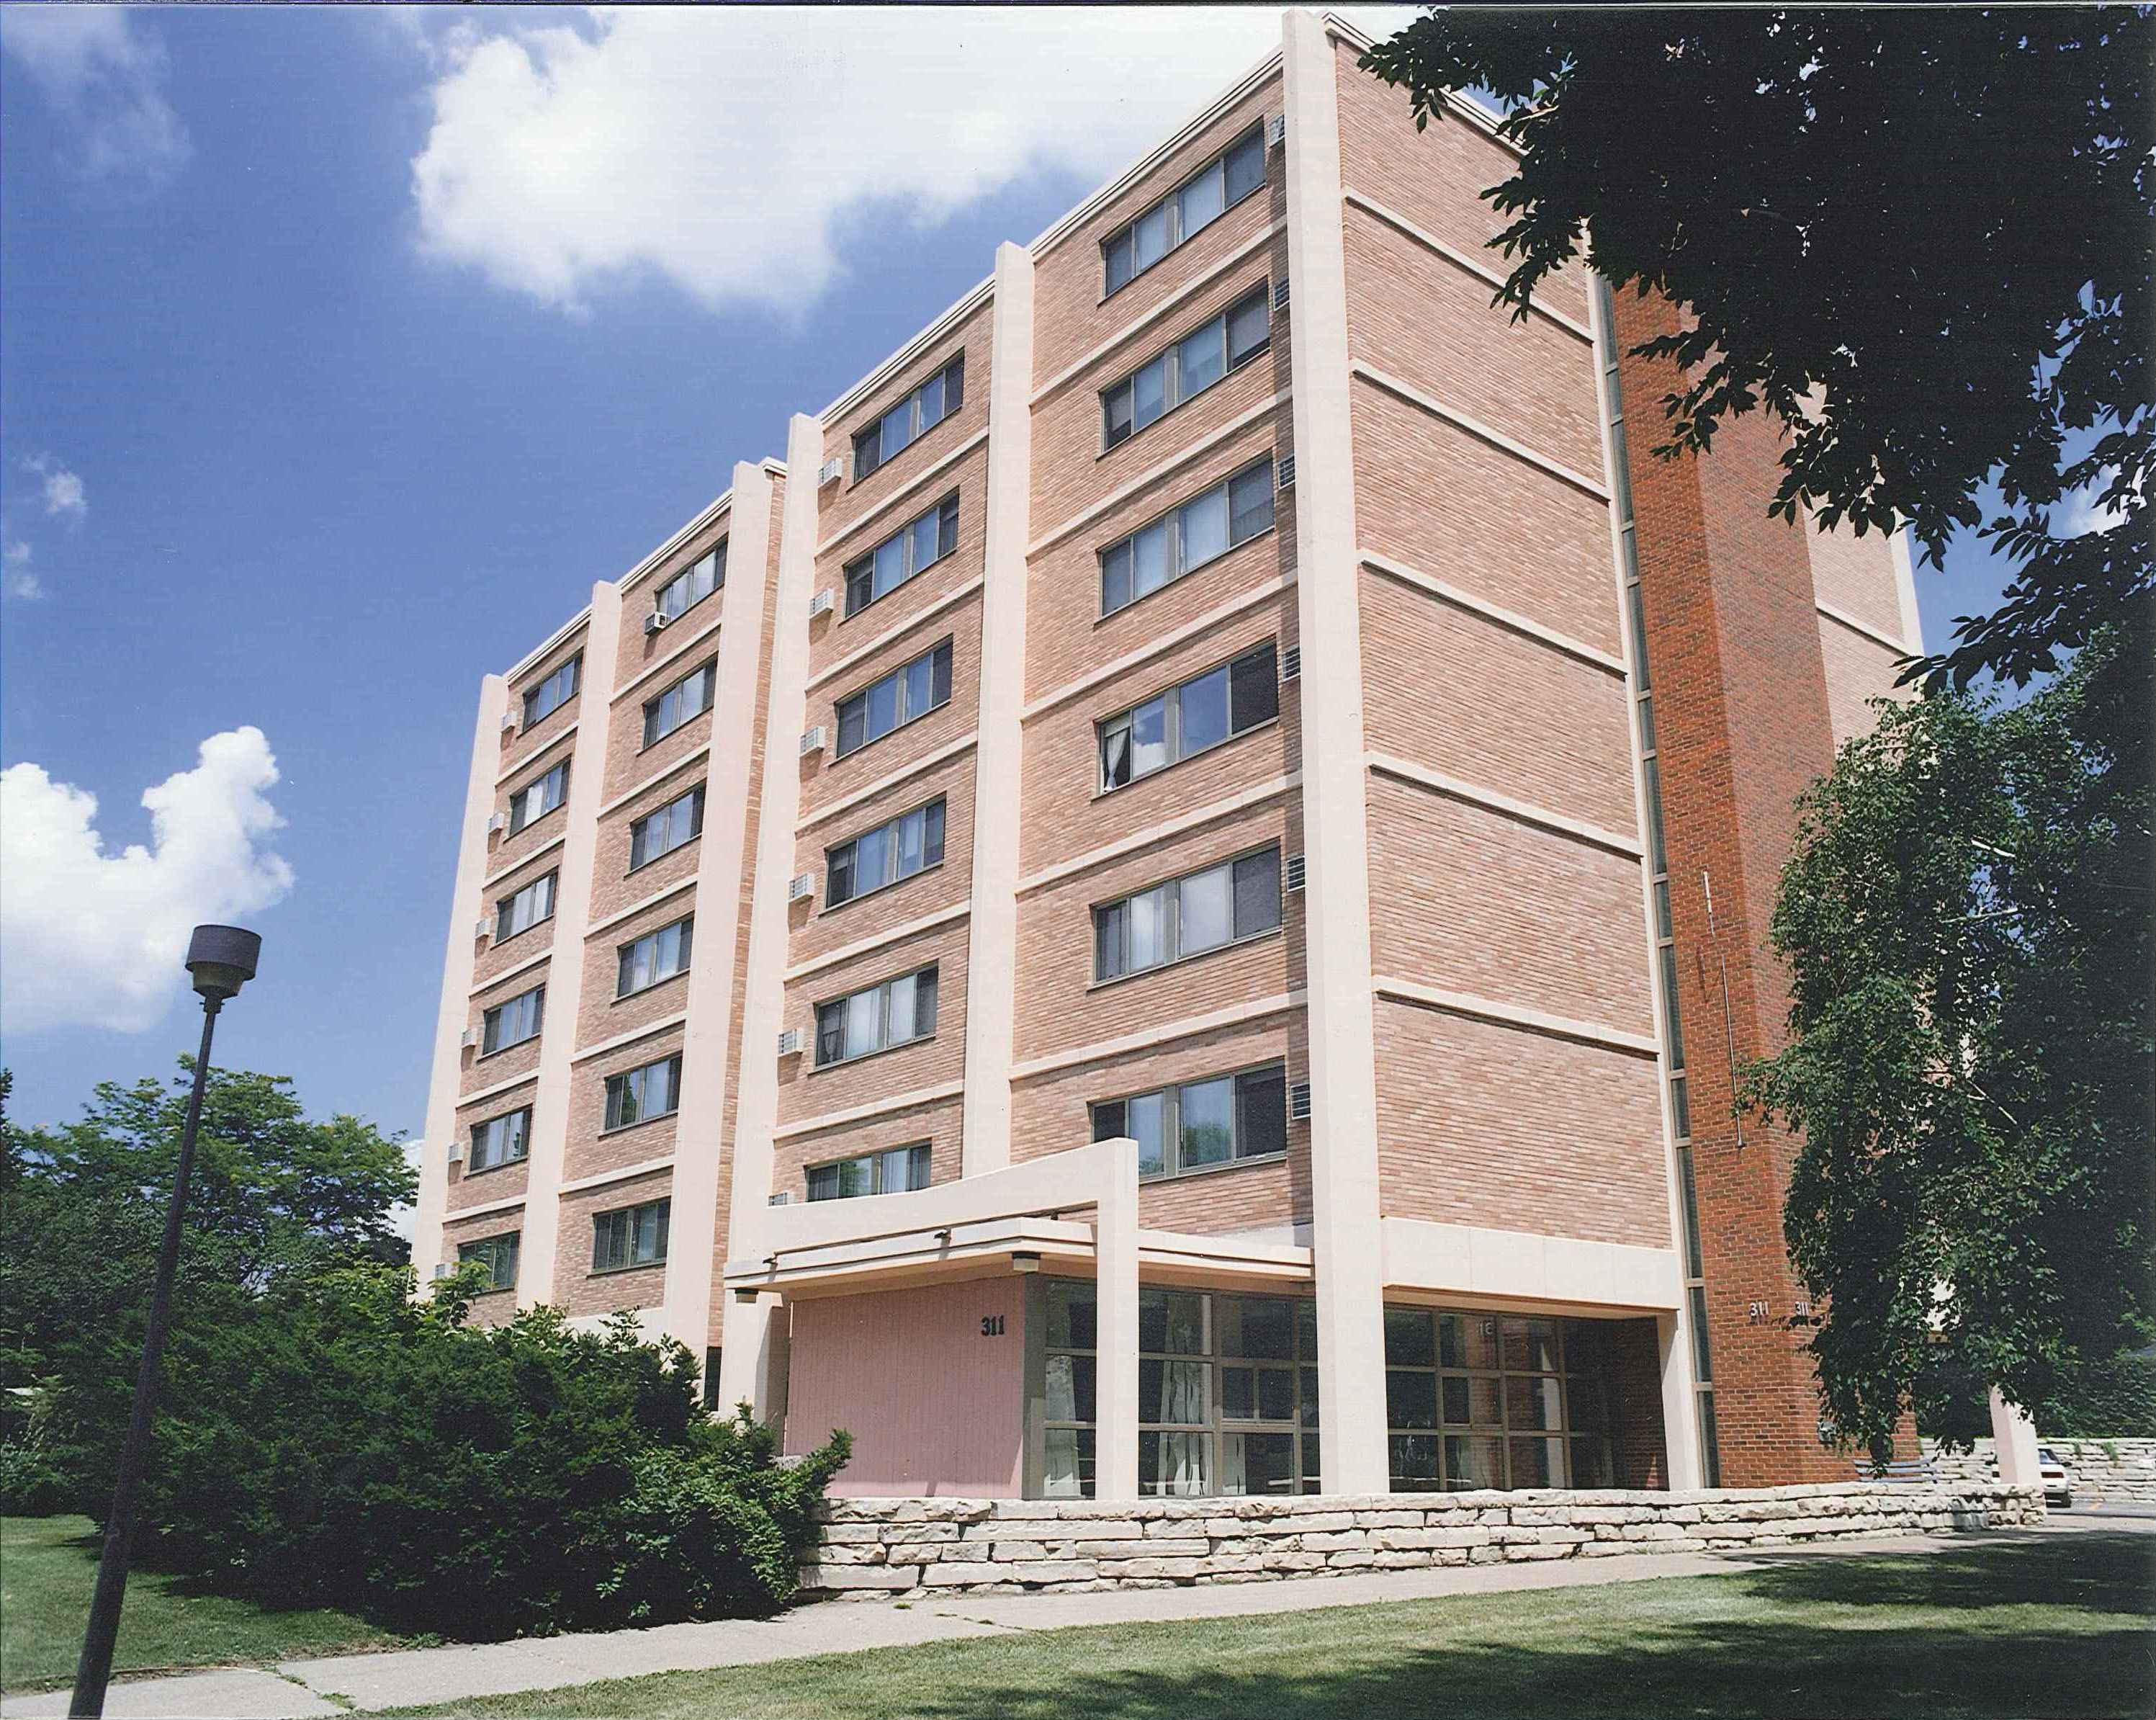 St. Anthony Hi-rise - Minneapolis Public Housing Authority